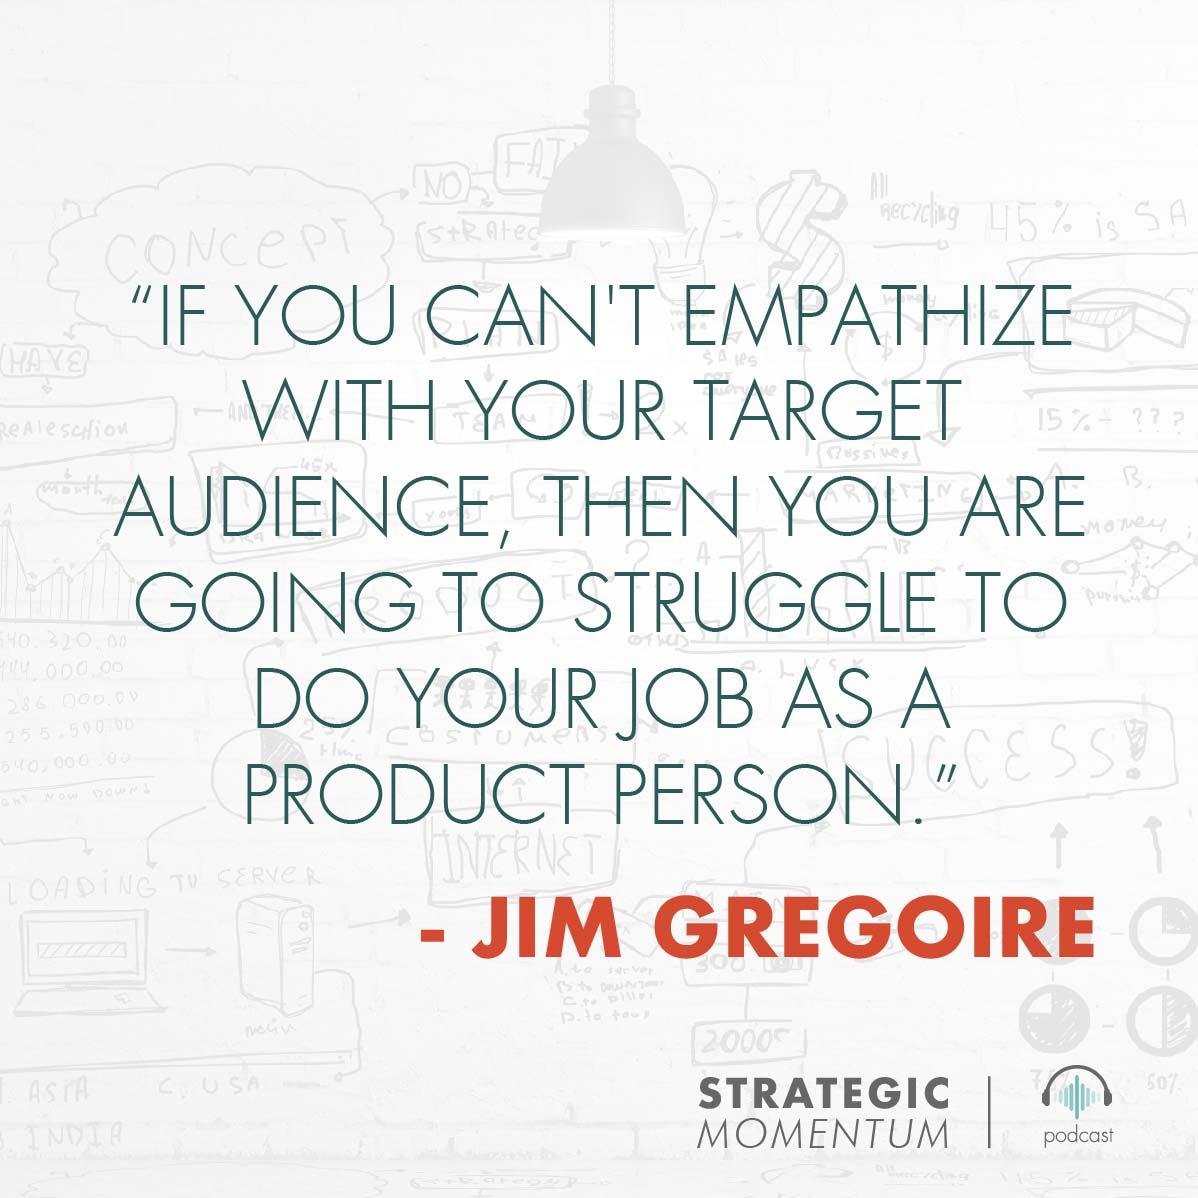 Jim Gregoire Quote | Strategic Momentum Podcast